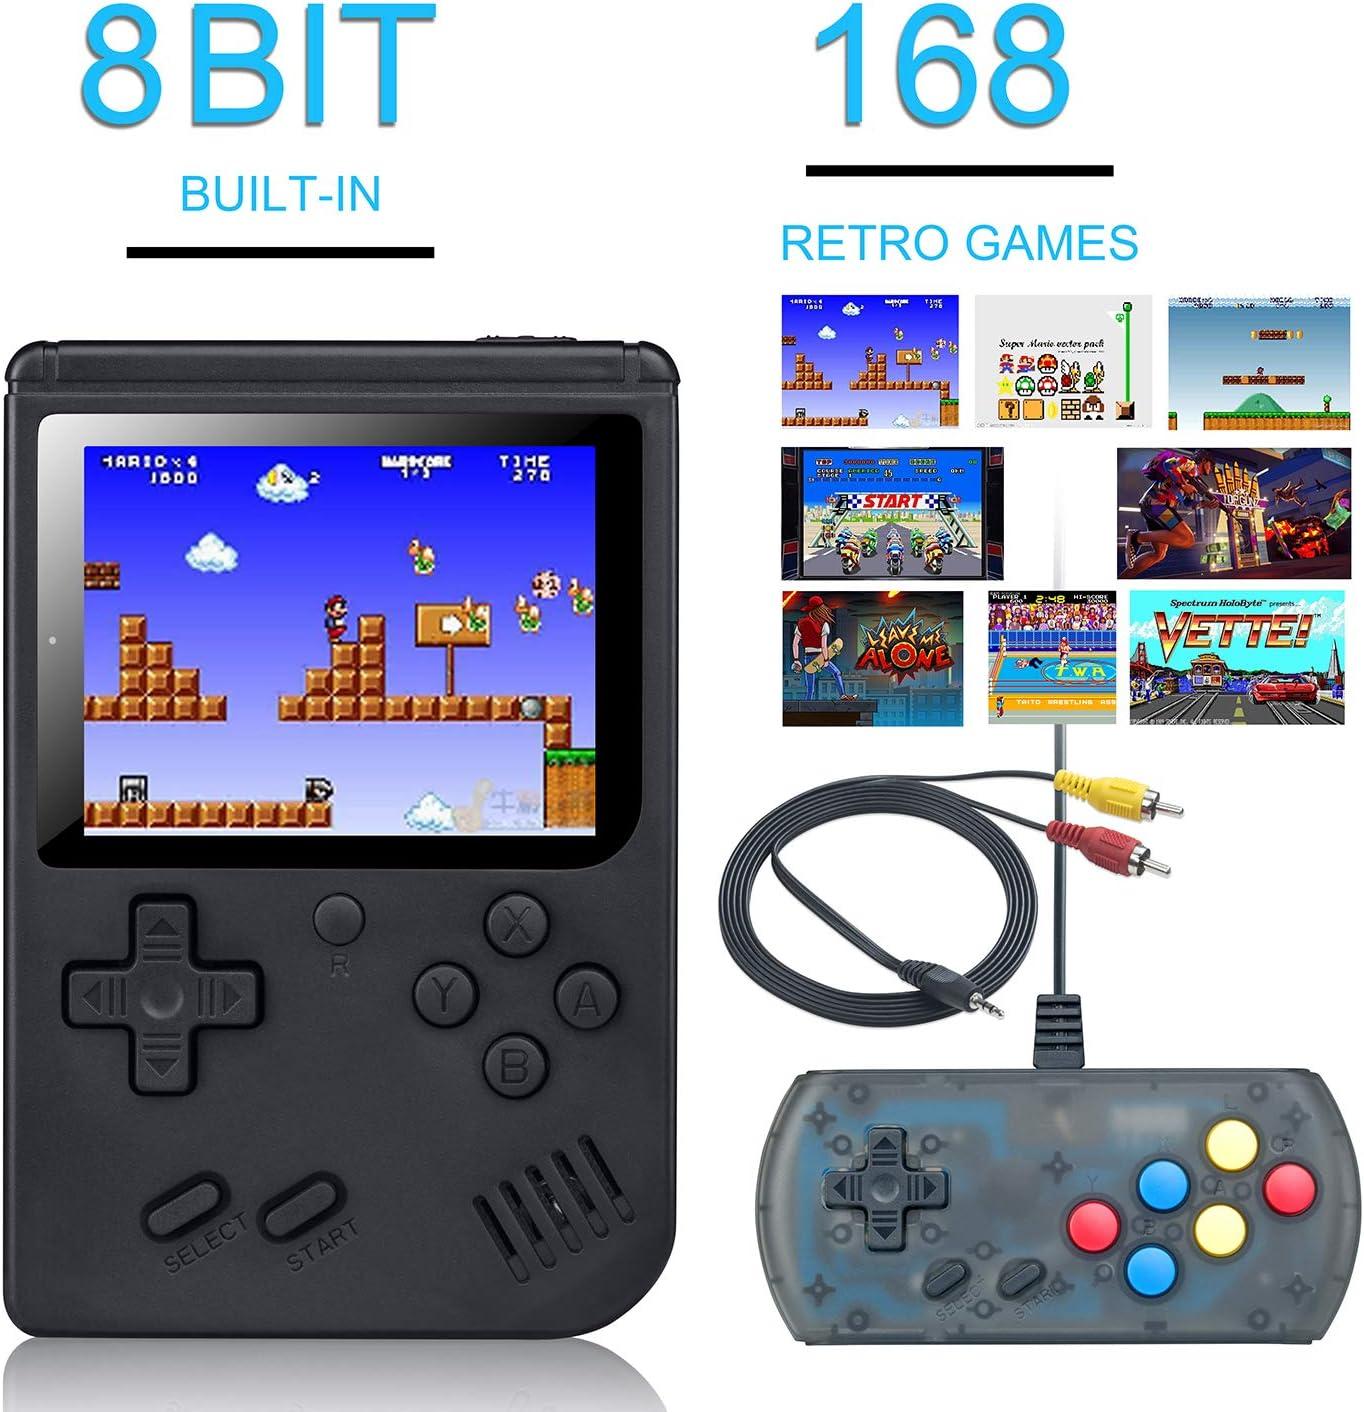 weikin Consola de Juegos Portátil, 3 Pulgadas Consola de Juegos portátil Pantalla HD Consola de Juegos Retro con 168 Juegos, Soporte para conectar TV y Dos Jugadores (L)